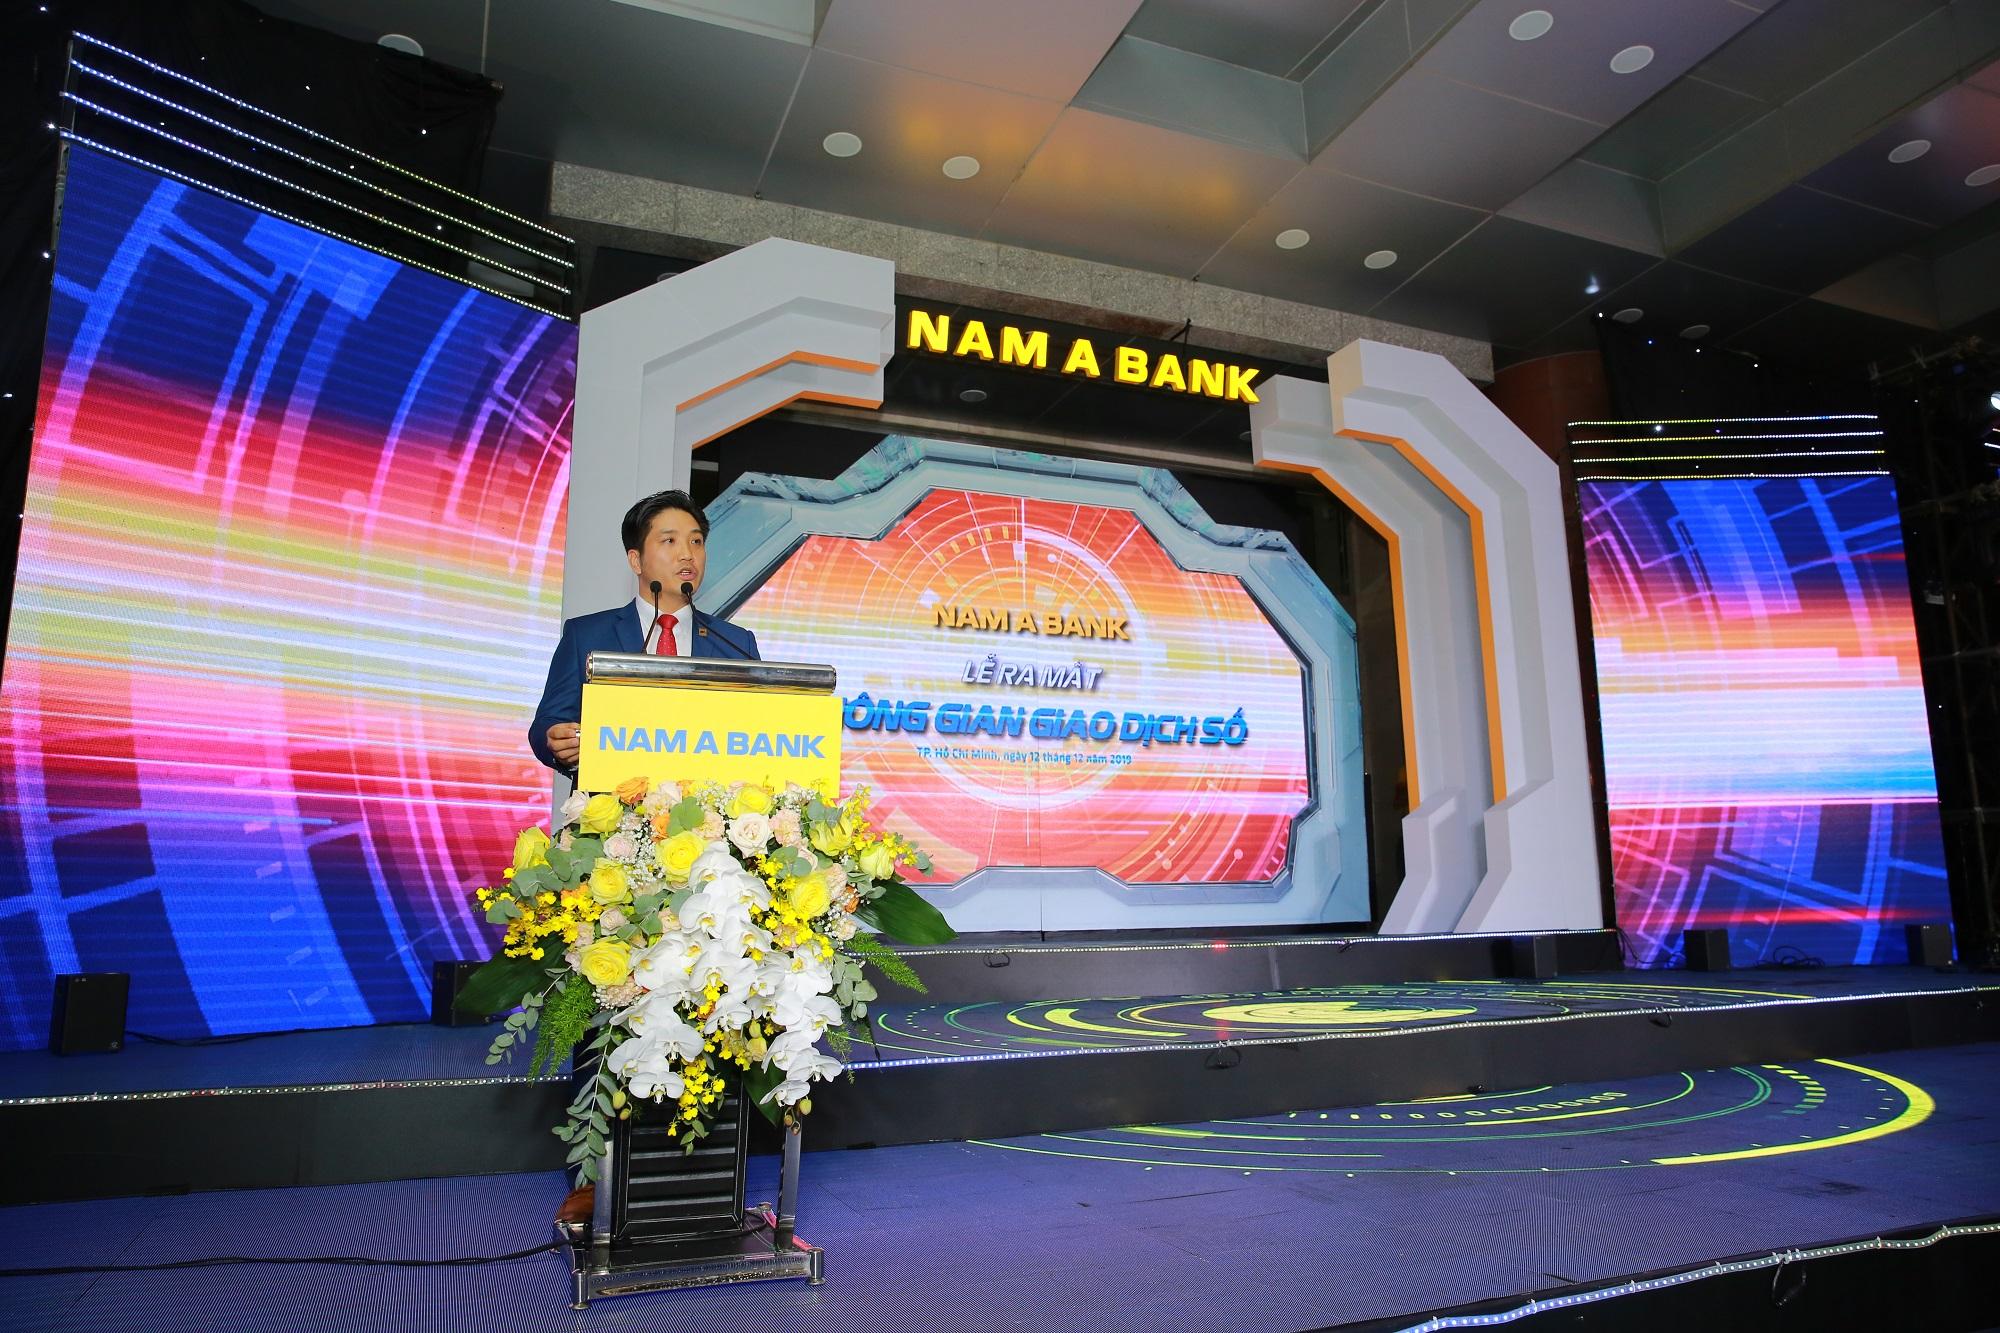 Nam A Bank ra mắt không gian giao dịch số ứng dụng trí tuệ nhân tạo - Ảnh 2